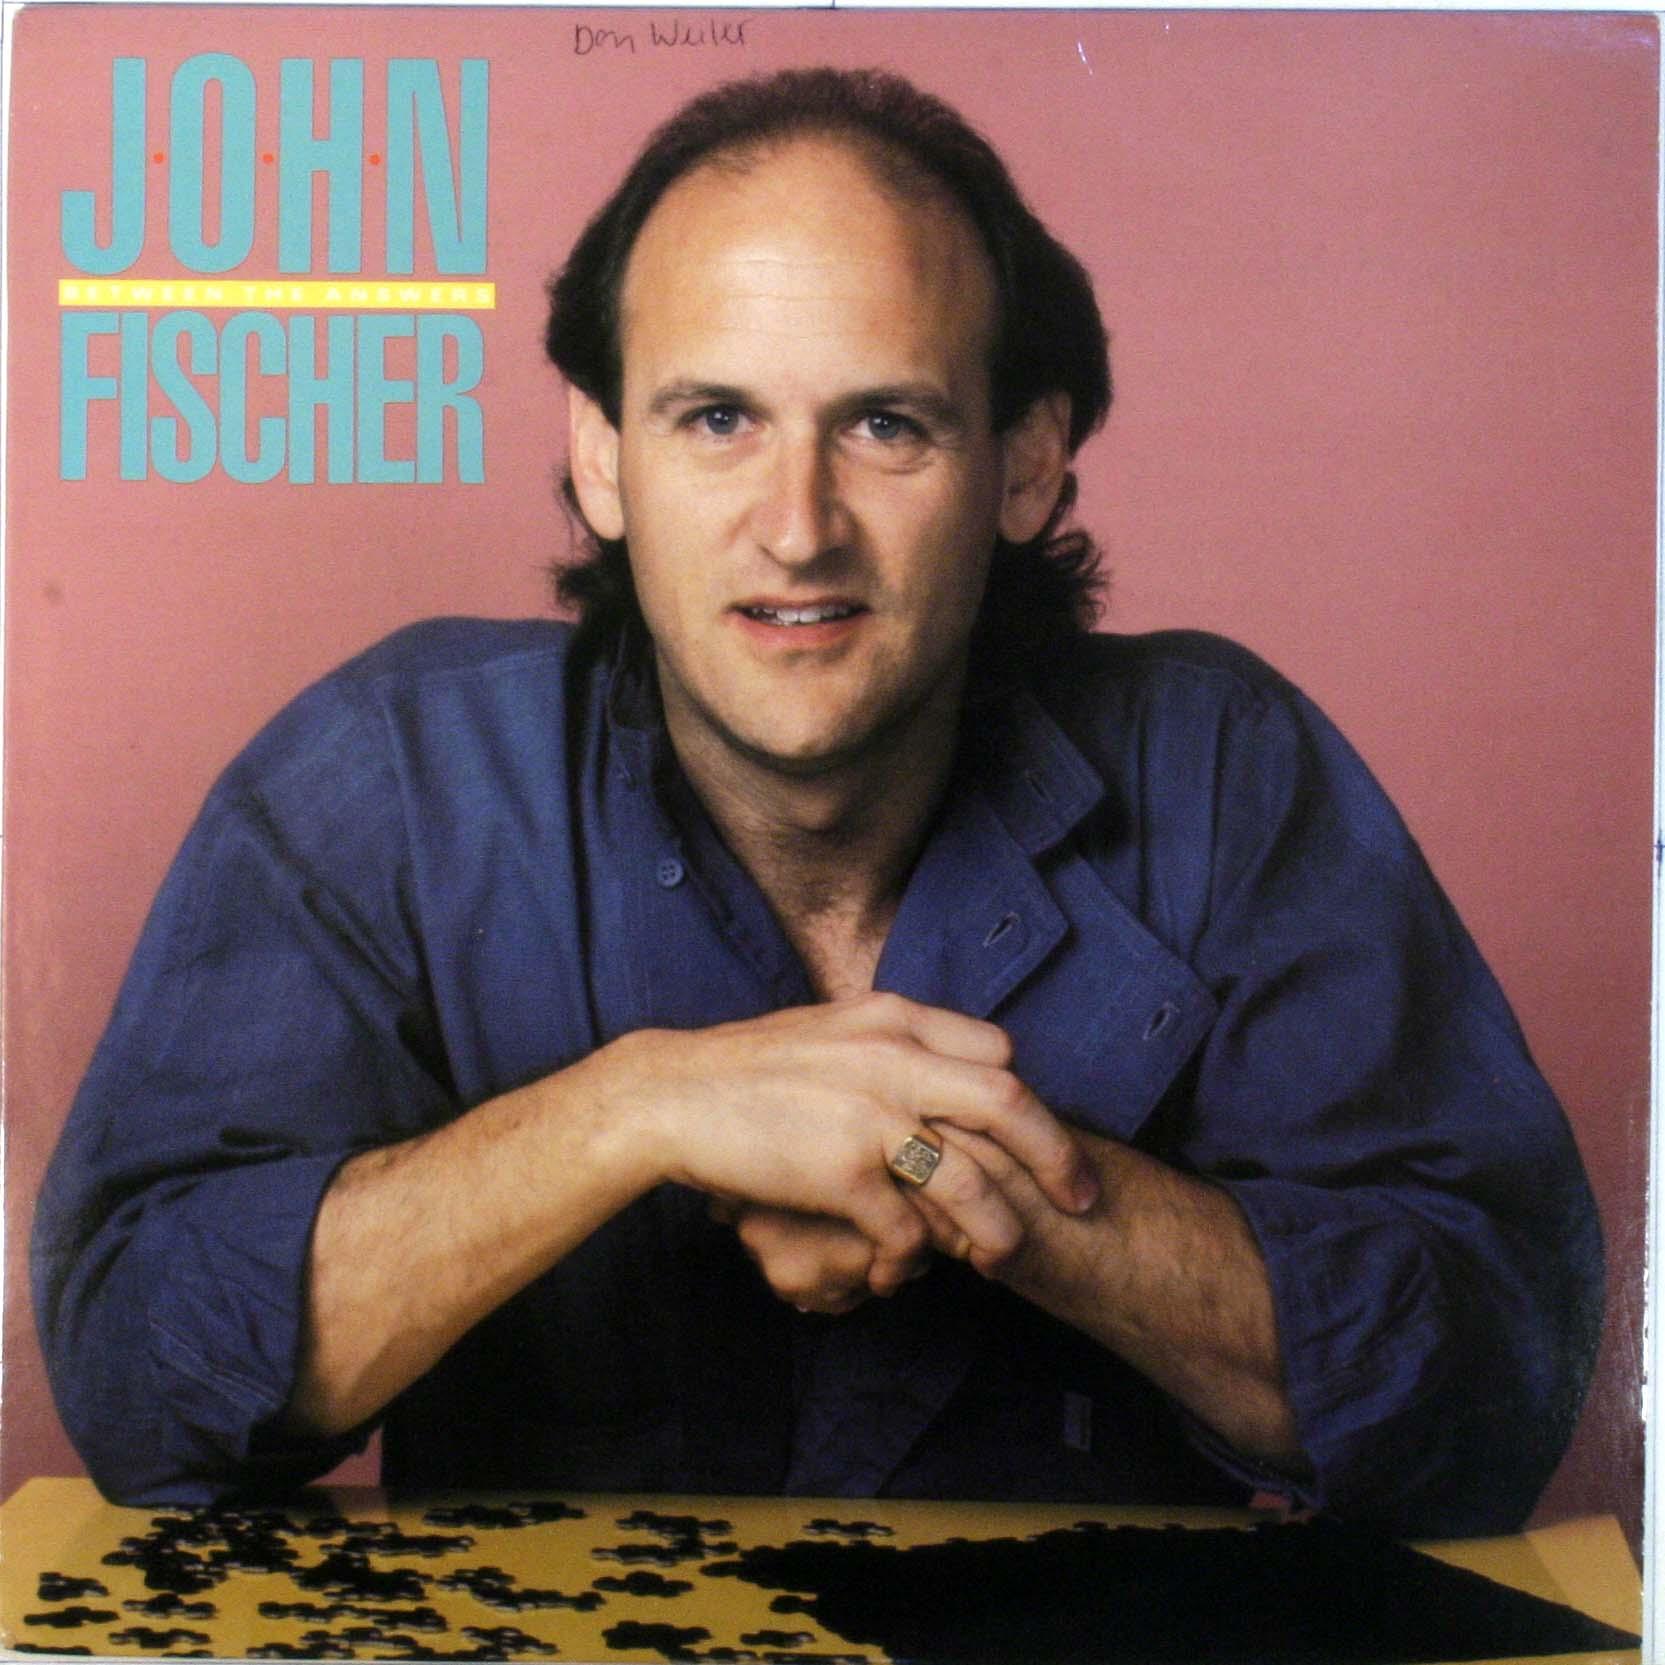 Between The Answers - John Fischer